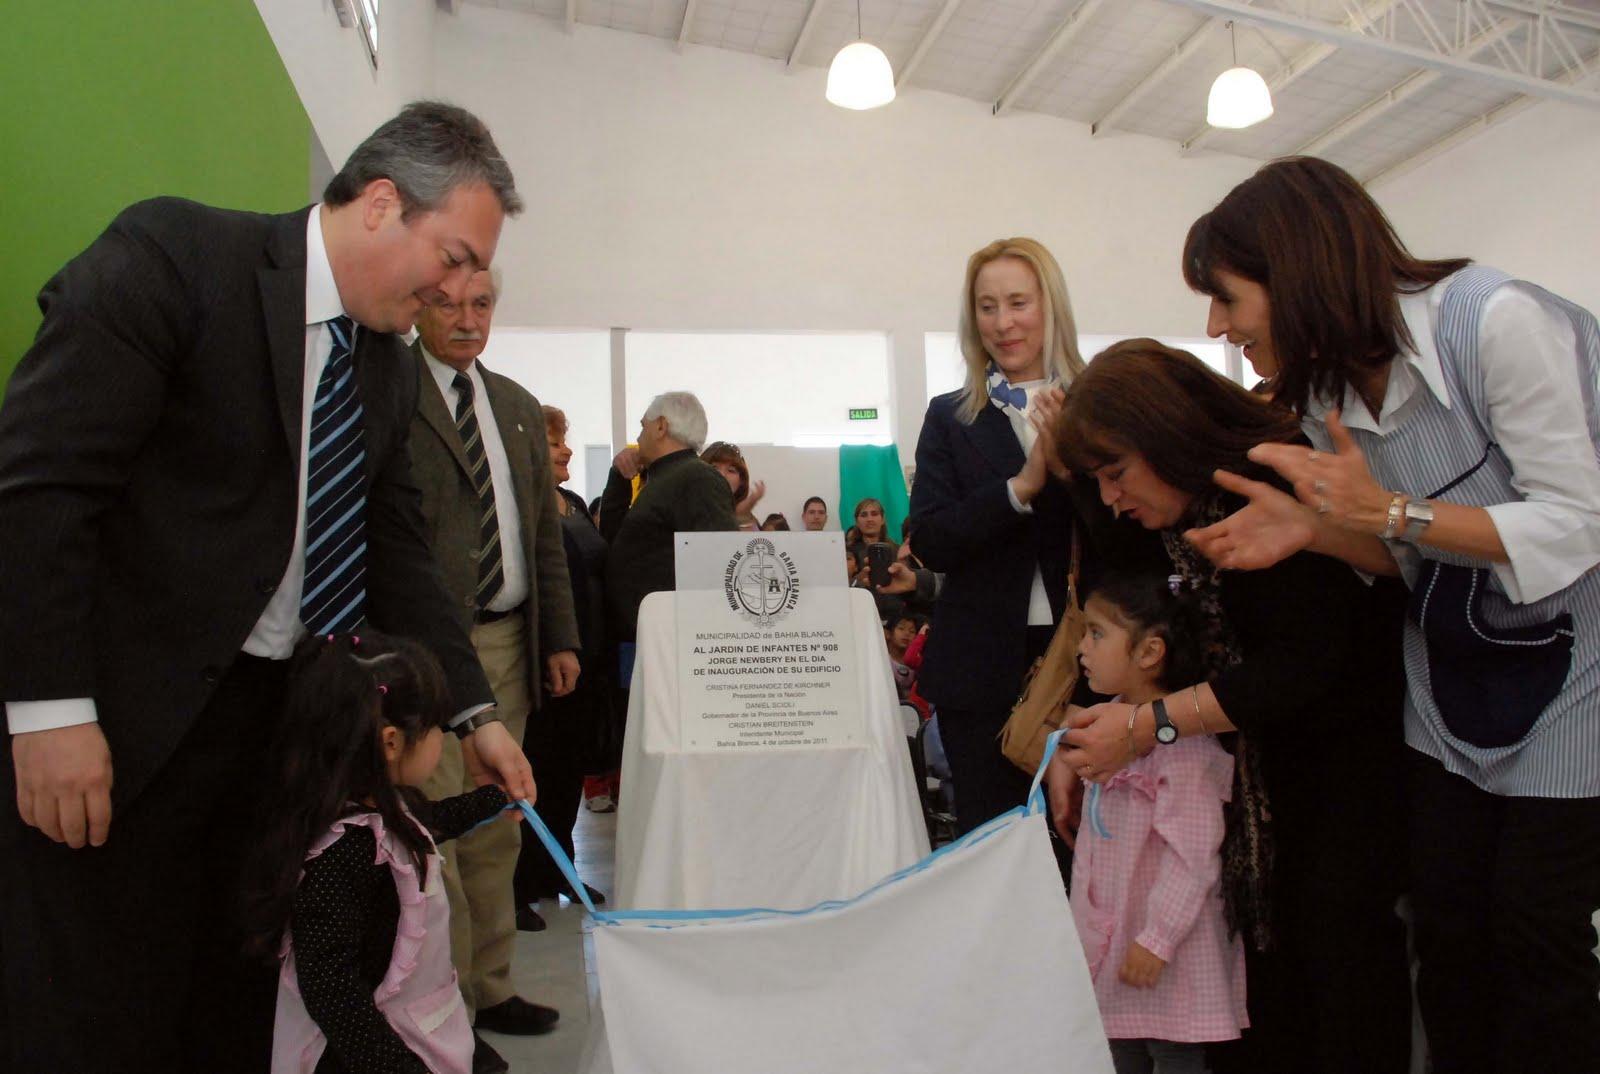 Y se inaugur otro nuevo jard n de infantes bah a blanca for Jardin 935 bahia blanca